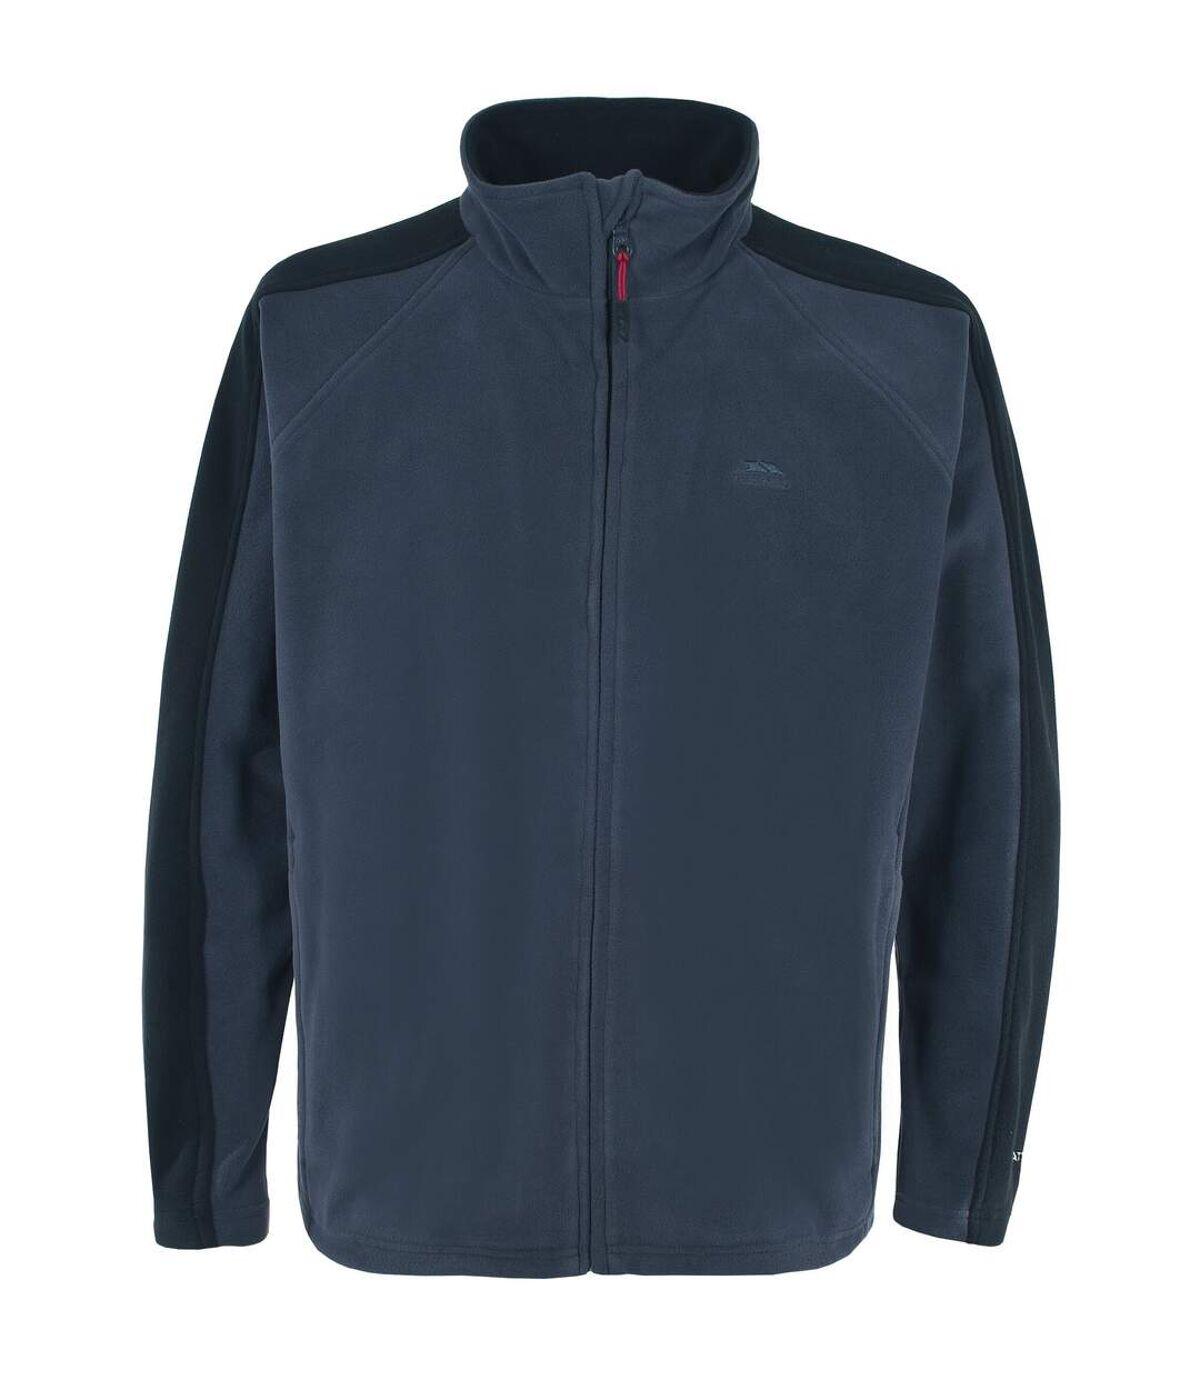 Trespass Mens Acres Full Zip Fleece Jacket (Navy Tone) - UTTP253